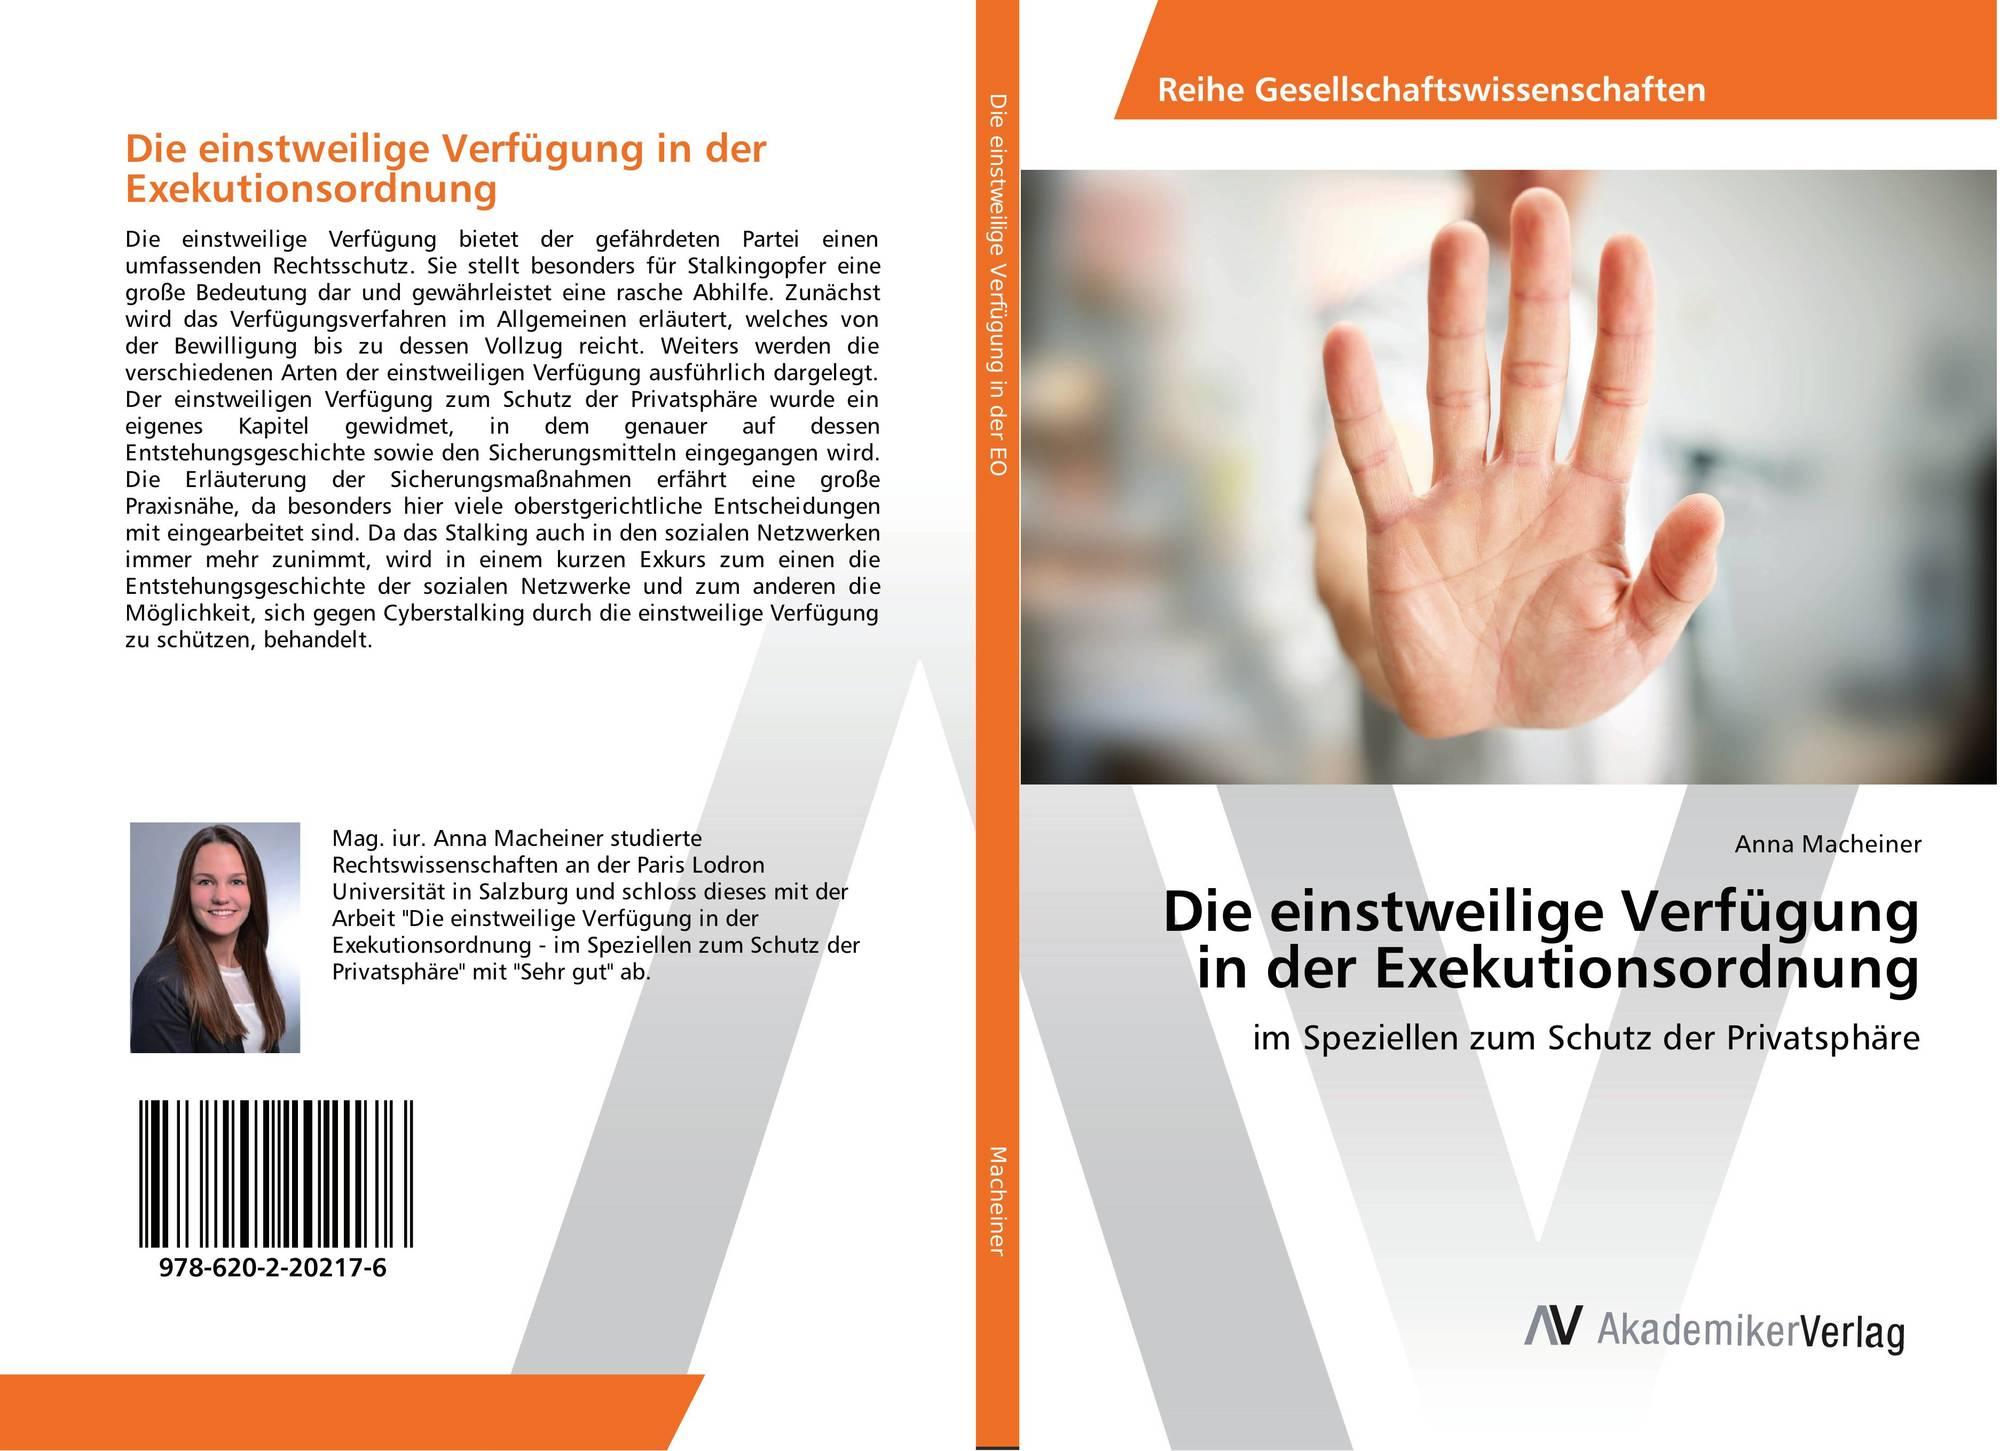 Lesesessel Design Von Tilt Bietet Garantierten Schutz Der Privatsphare